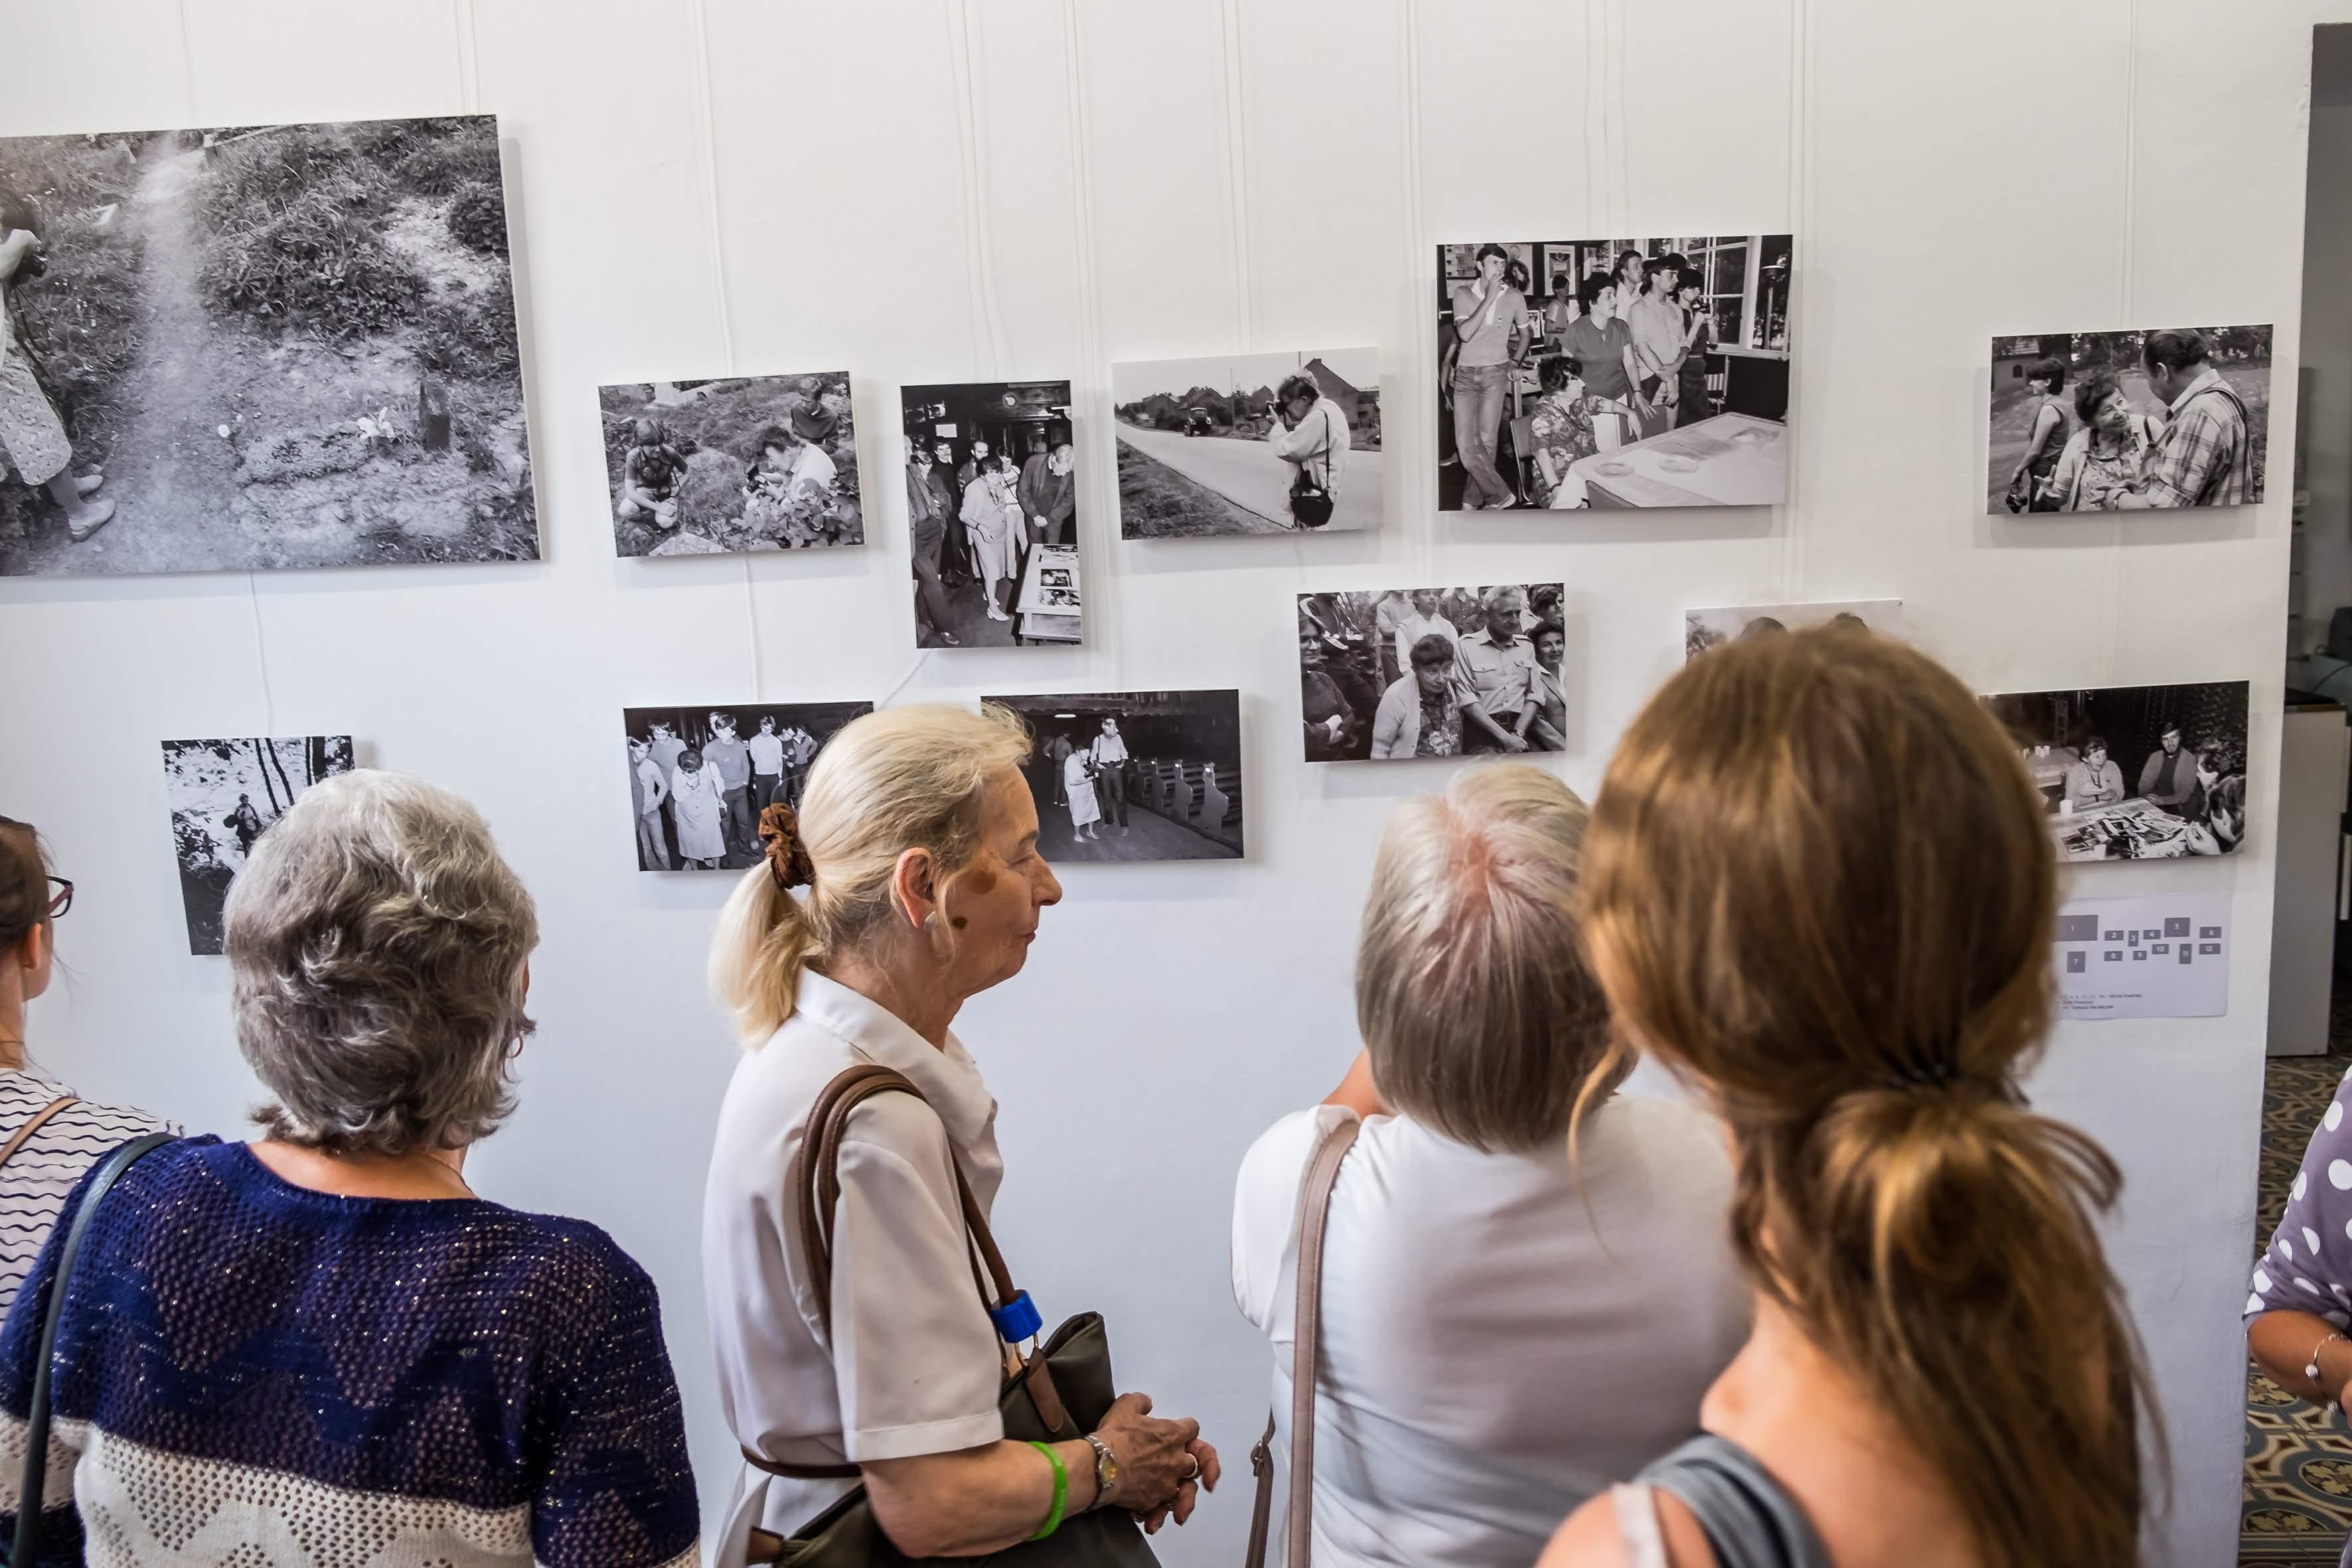 mieszkańcy zwiedzają galerię